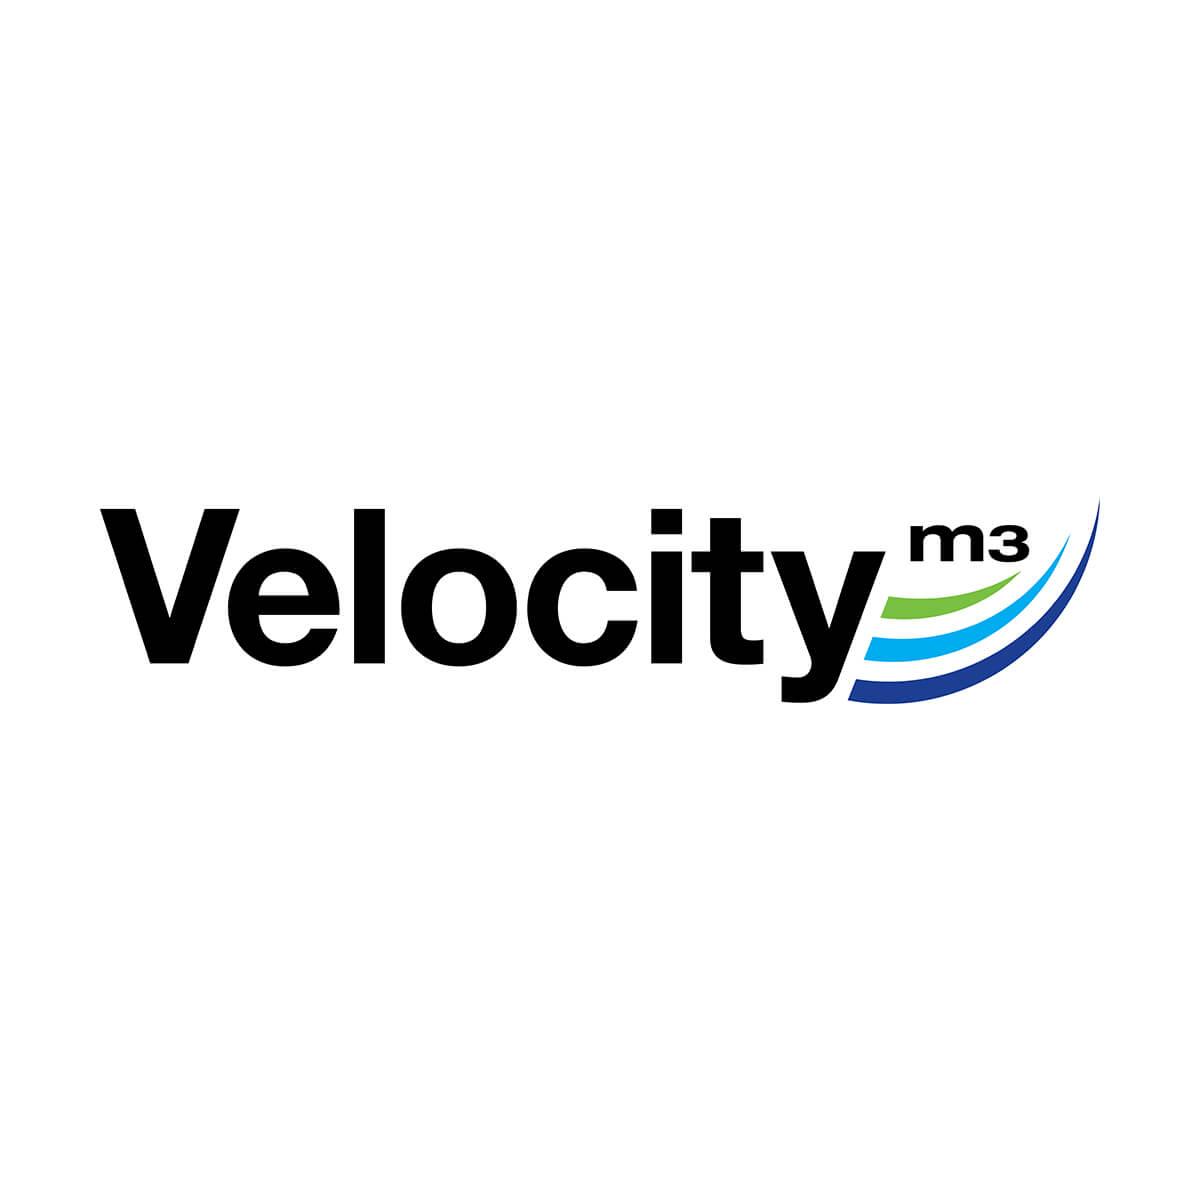 Velocity M3 Aio - 129.6L Drum